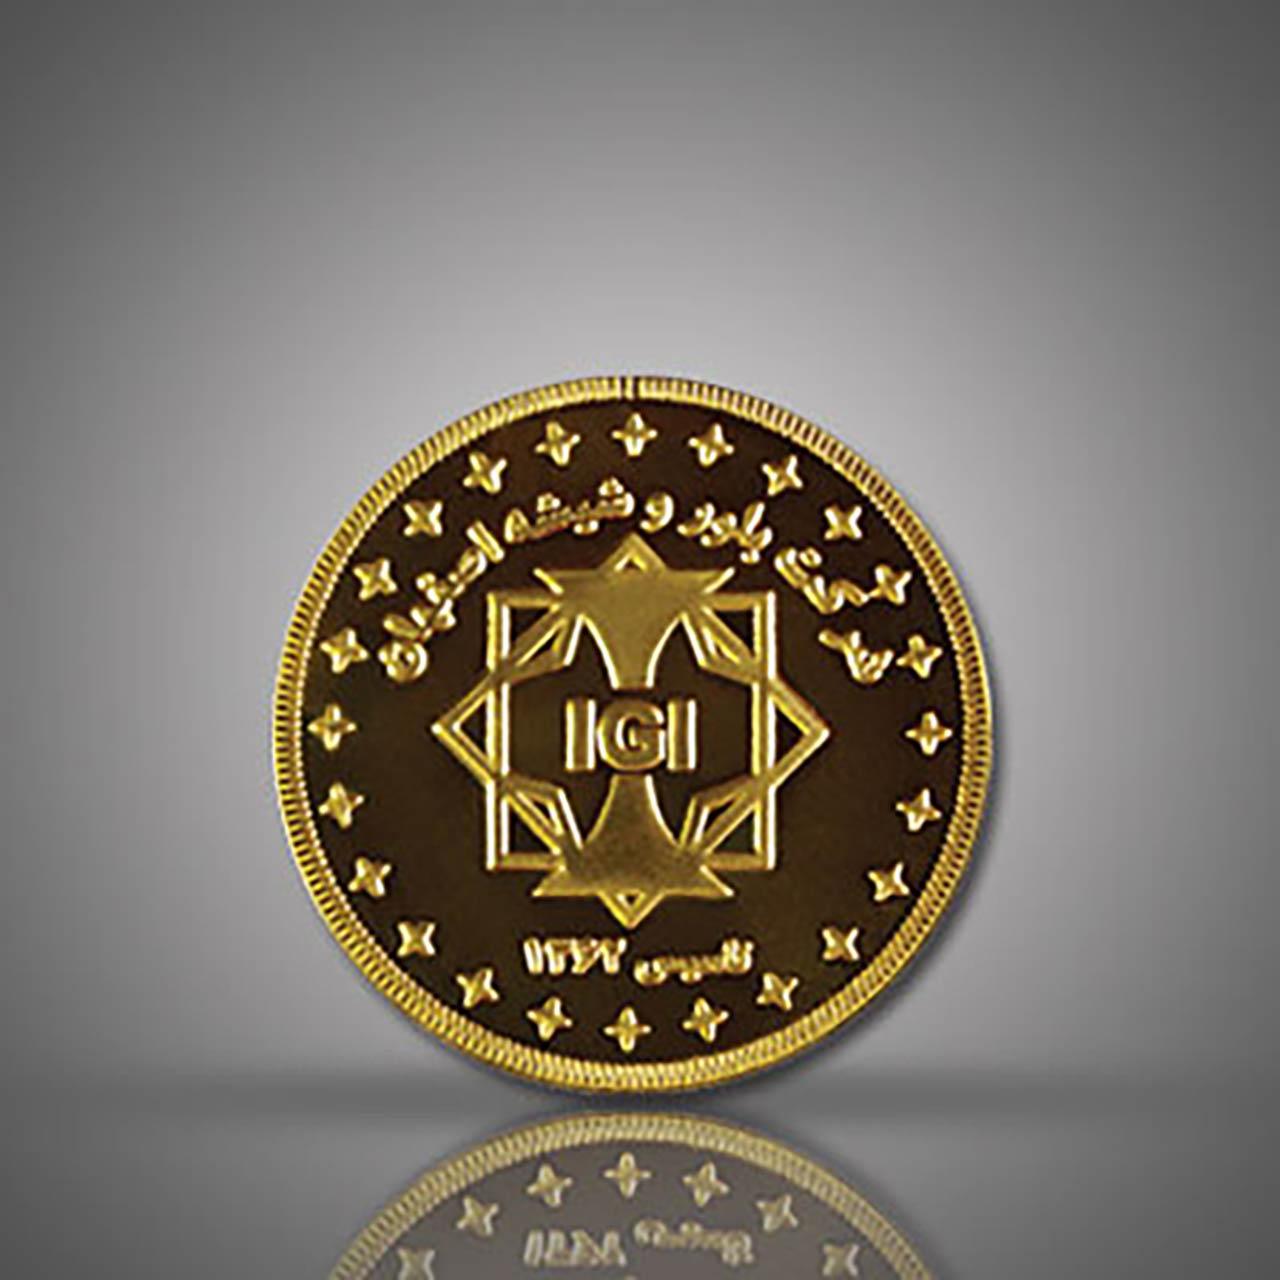 مدالیون(سکه یادبود) طلای شرکت بلور و شیشه اصفهان